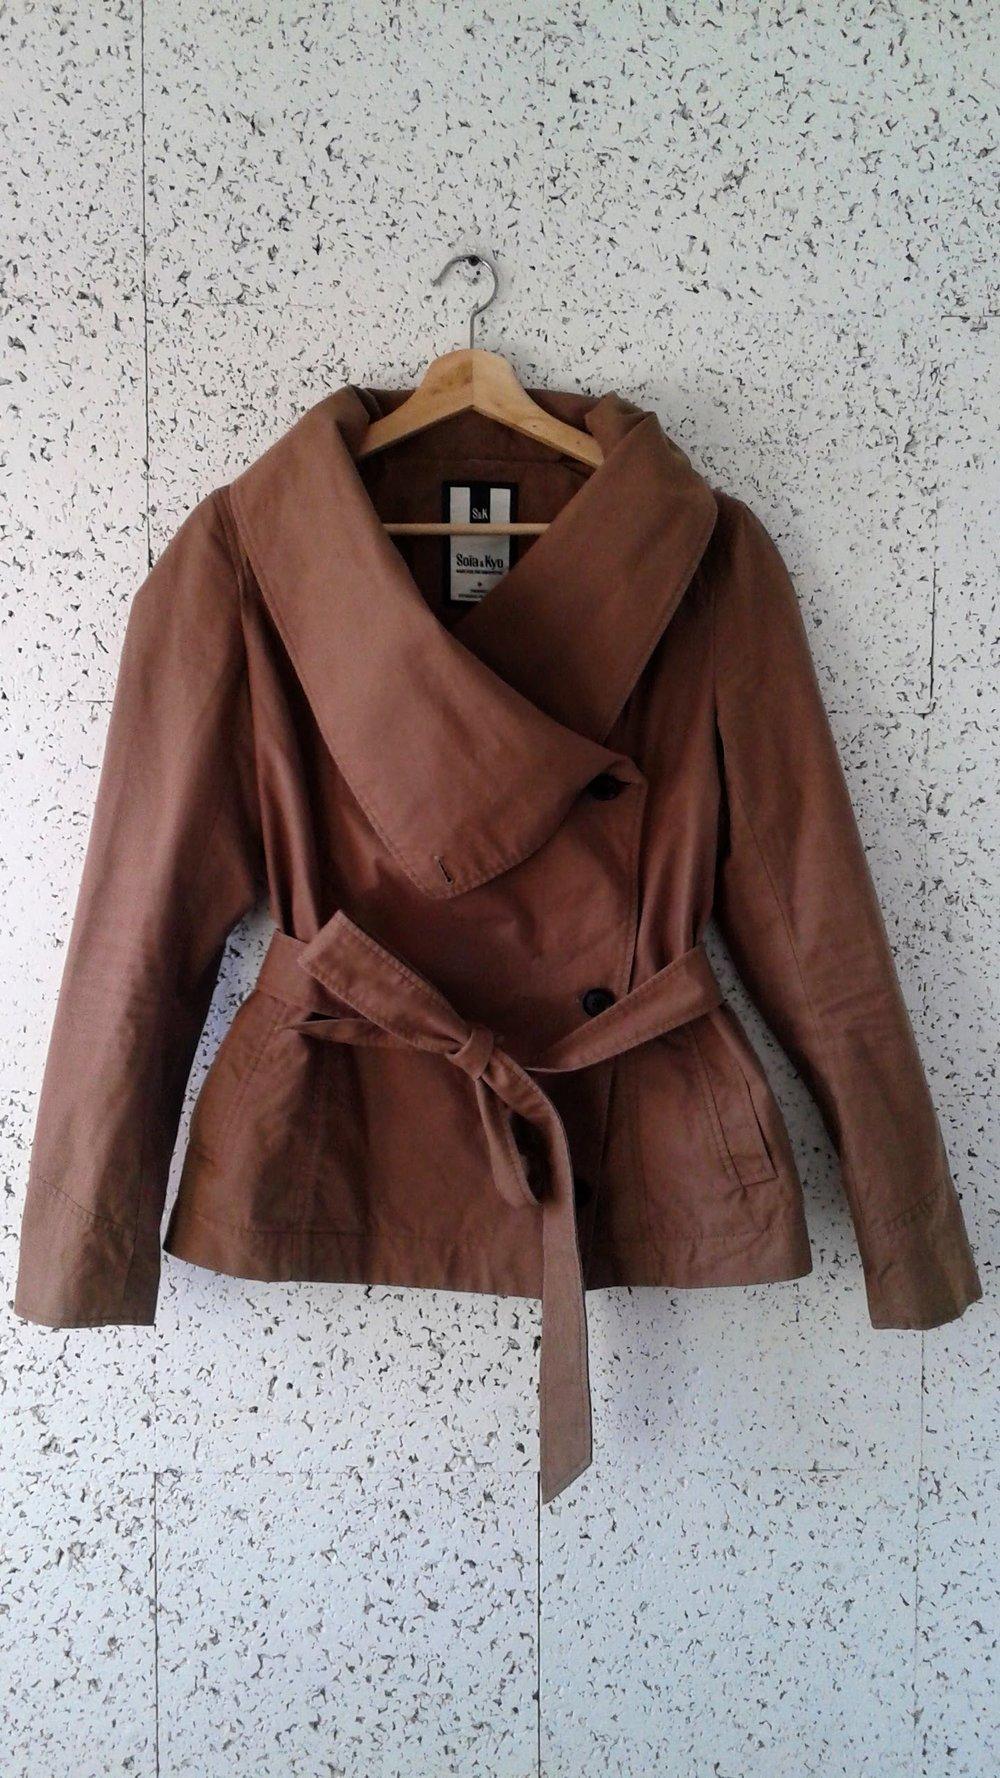 Soia & Kyo jacket; Size M, $48